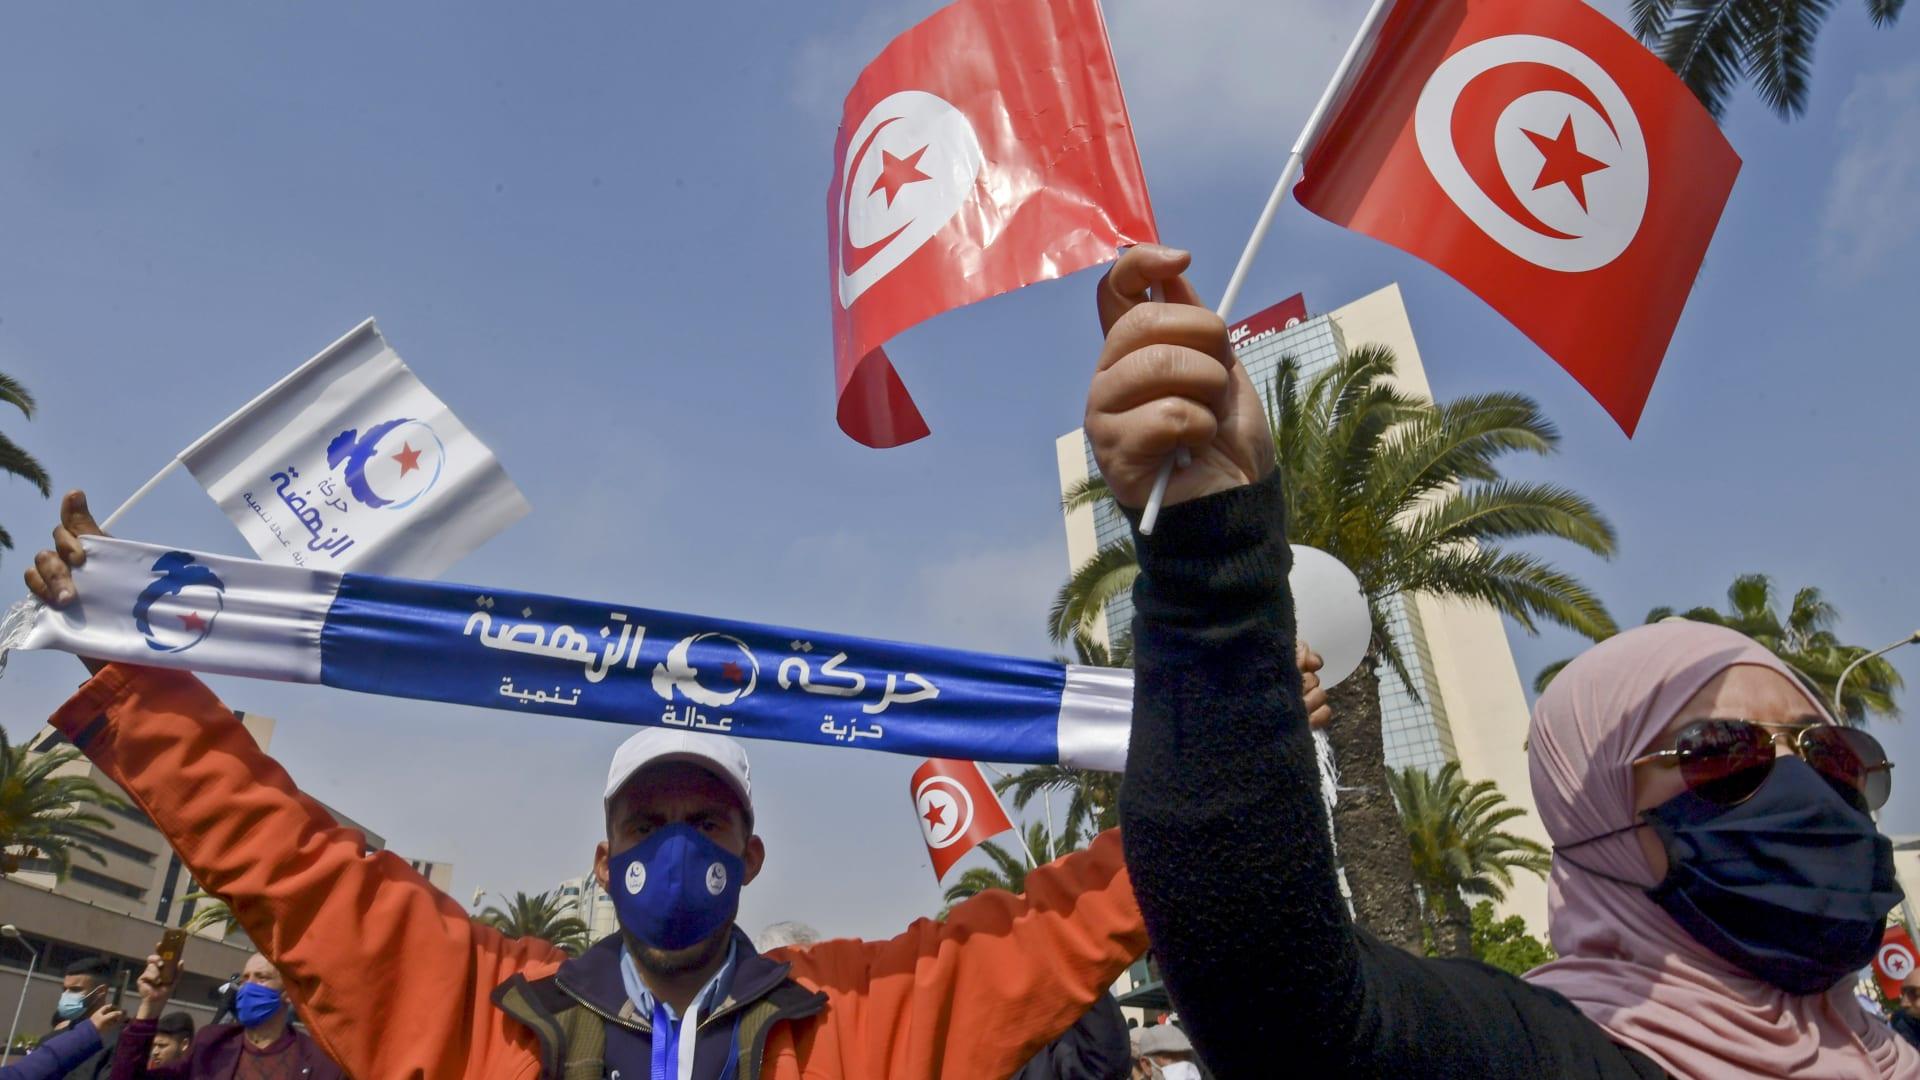 صورة أرشيفية لمناصري حركة النهضة التونسية في مسيرة سابقة